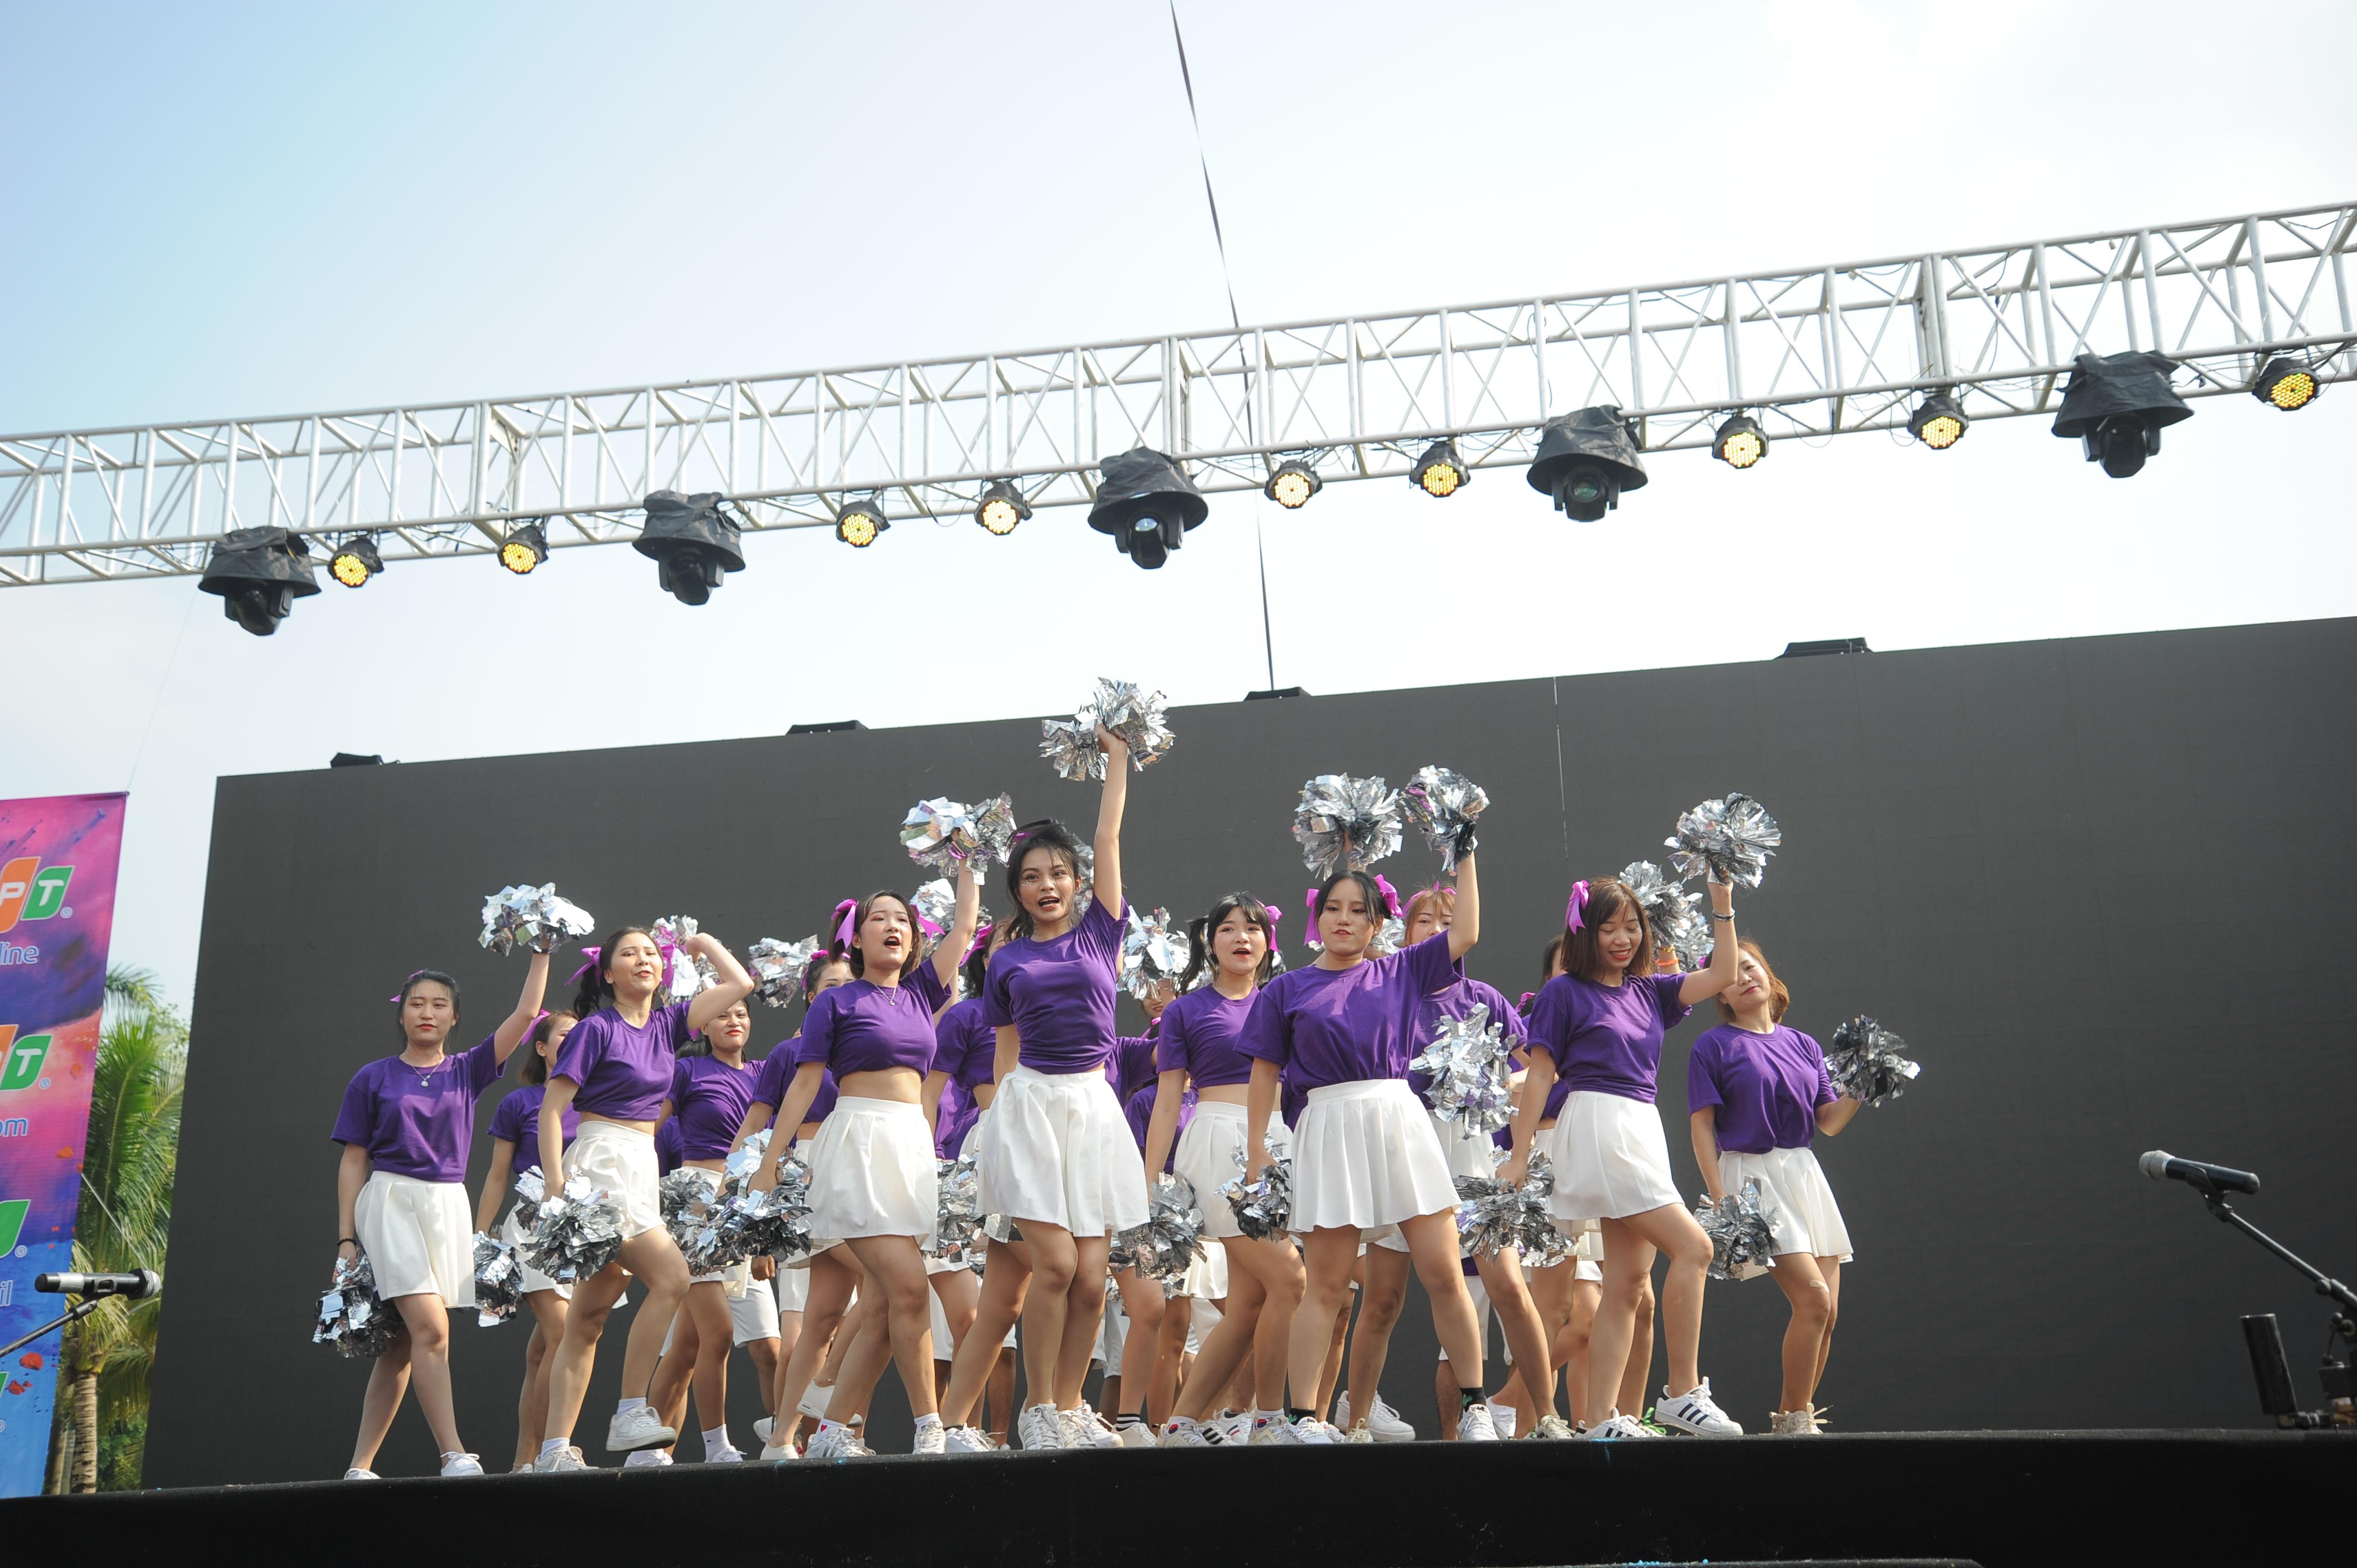 """Trong trang phục tím, bông cổ vũ bạc, FPT Education mang sự tươi trẻ, mộng mơ đến Hội thao FPT. Trên nền nhạc """"Đi đu đưa đi"""", các vũ công thể hiện nhiệt huyết này qua từng động tác tạo hình, vũ đạo."""